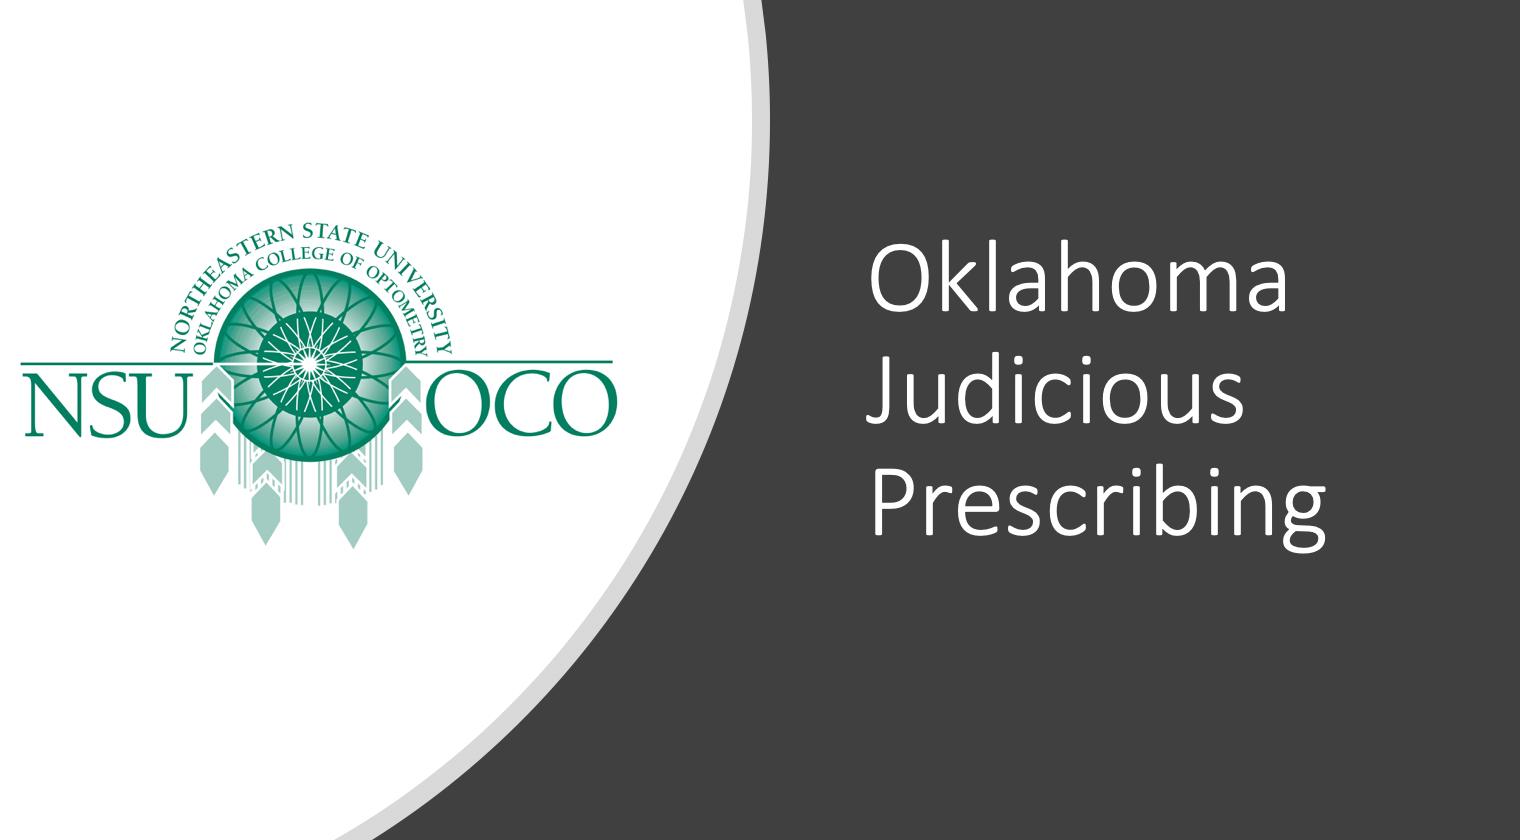 Oklahoma Judicious Prescribing